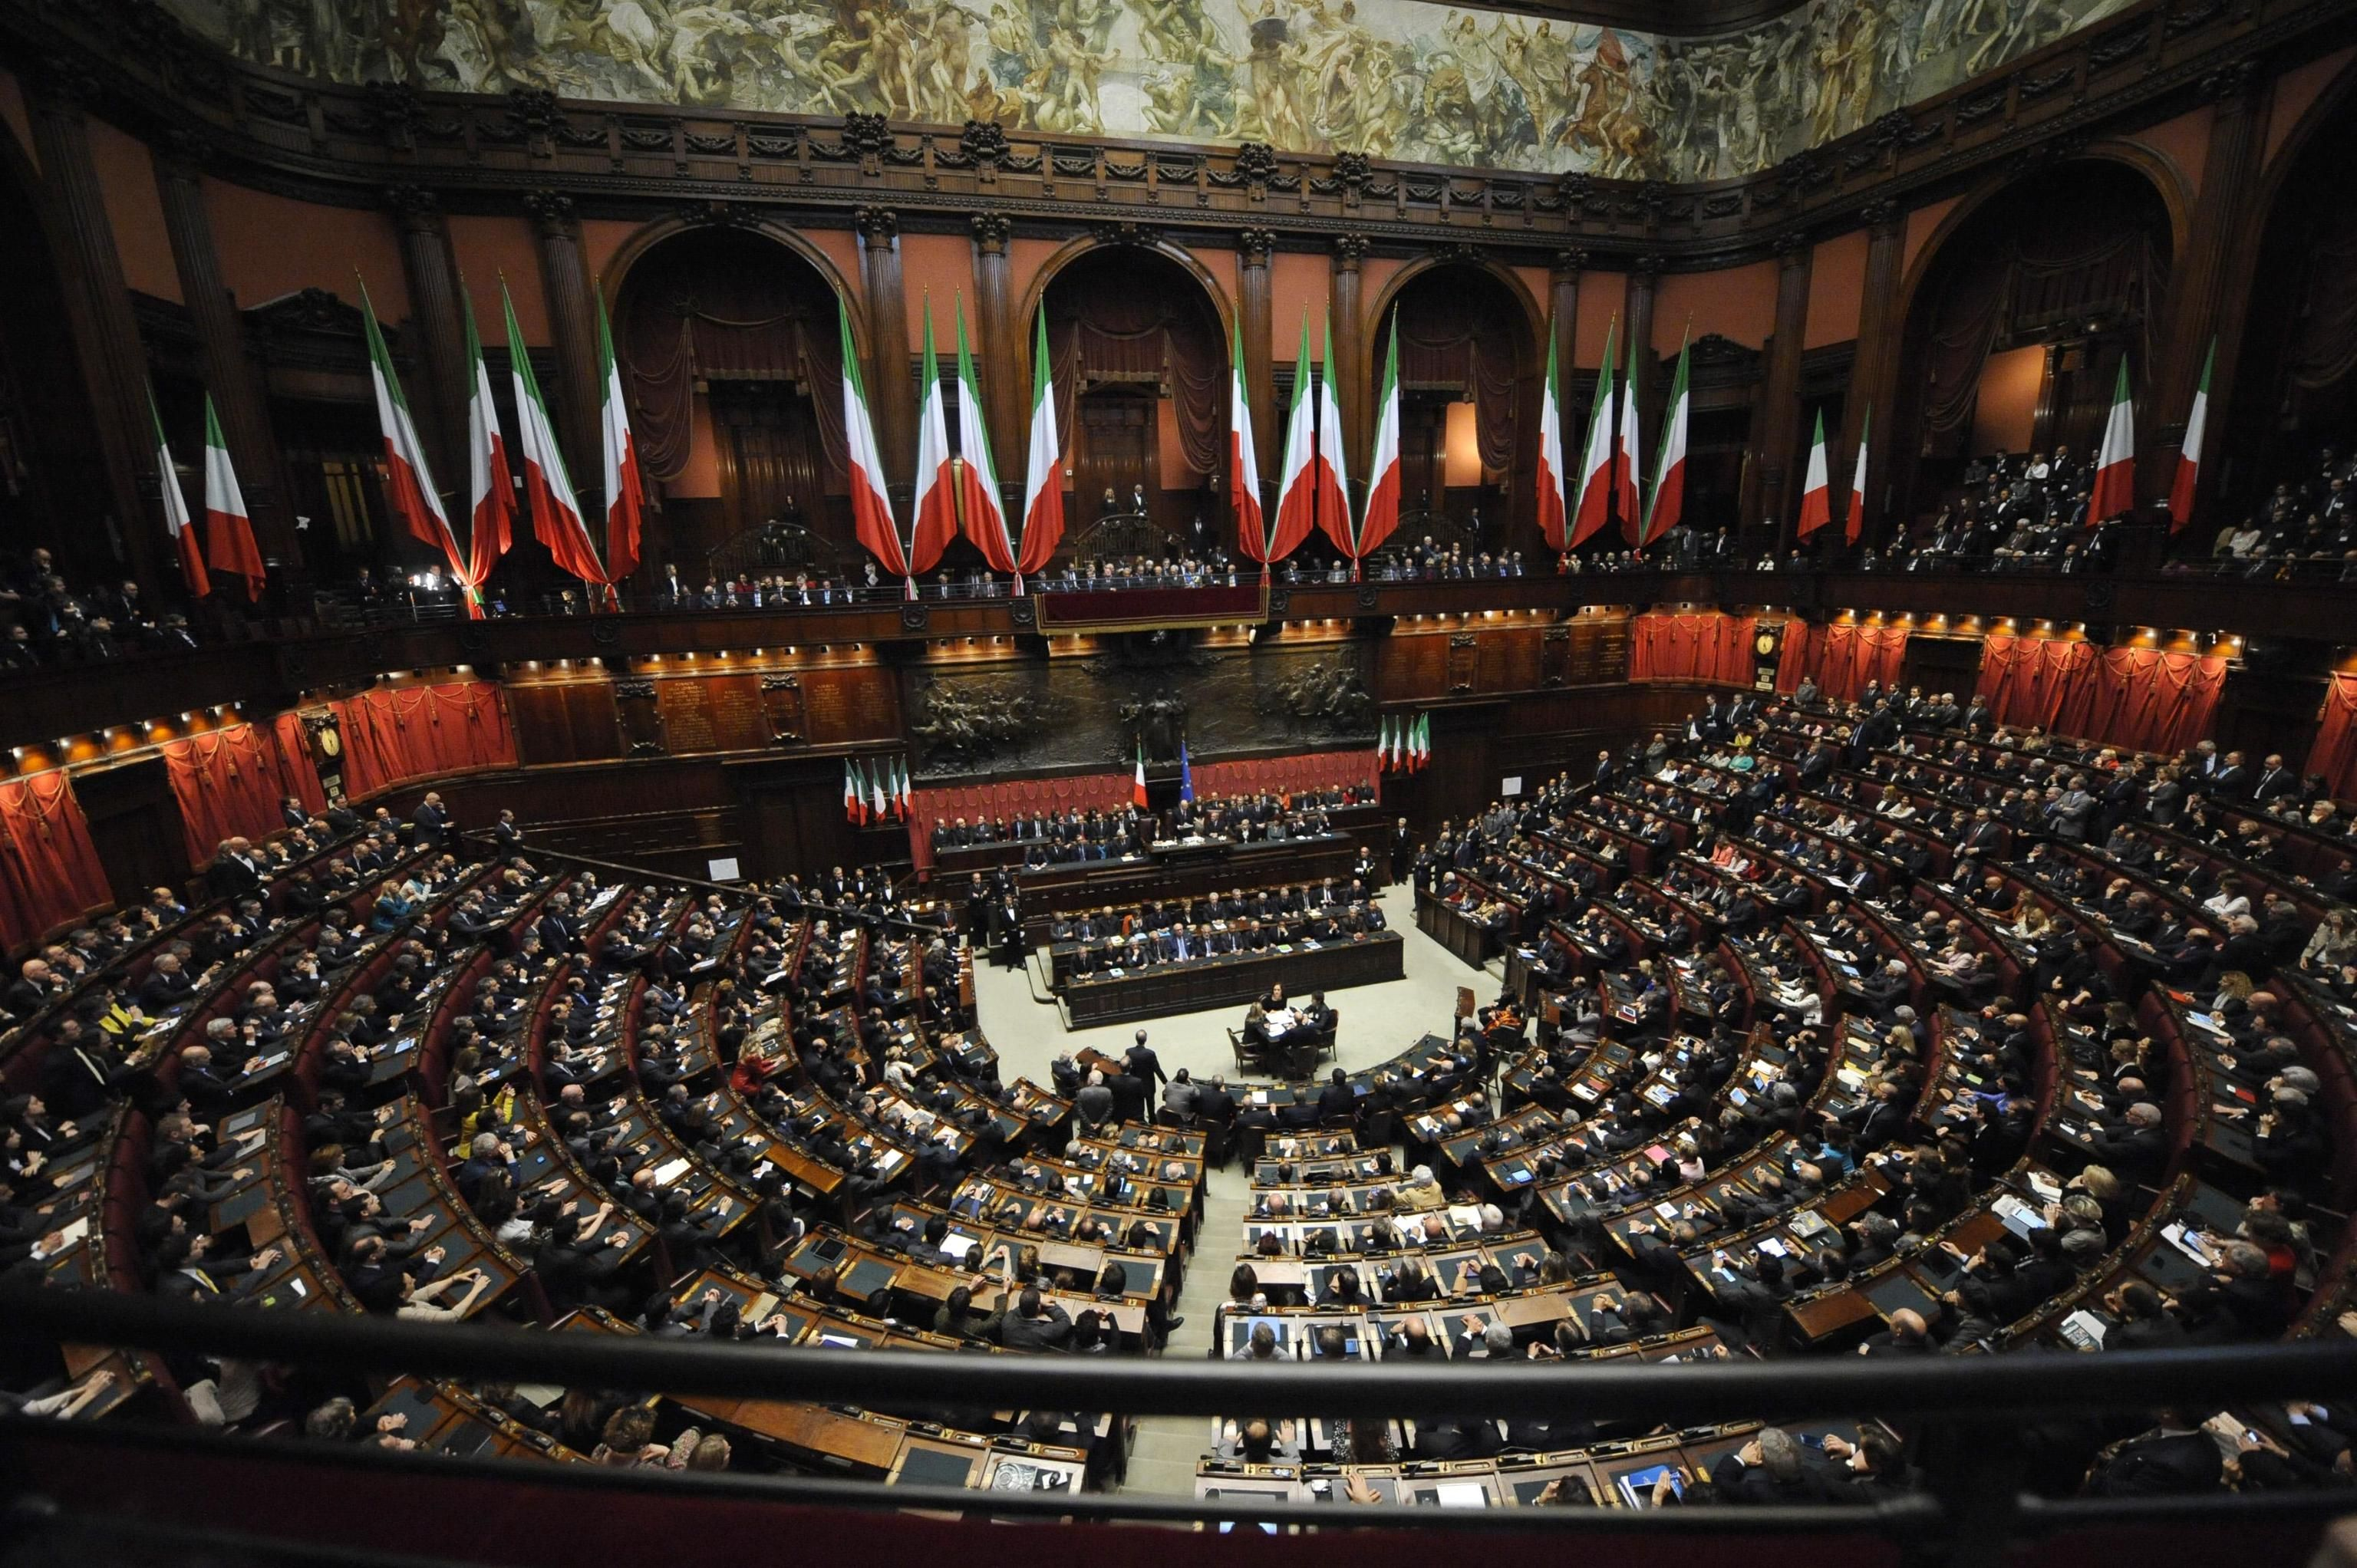 Accordo regge eletti i presidenti di senato e camera for Il senato italiano